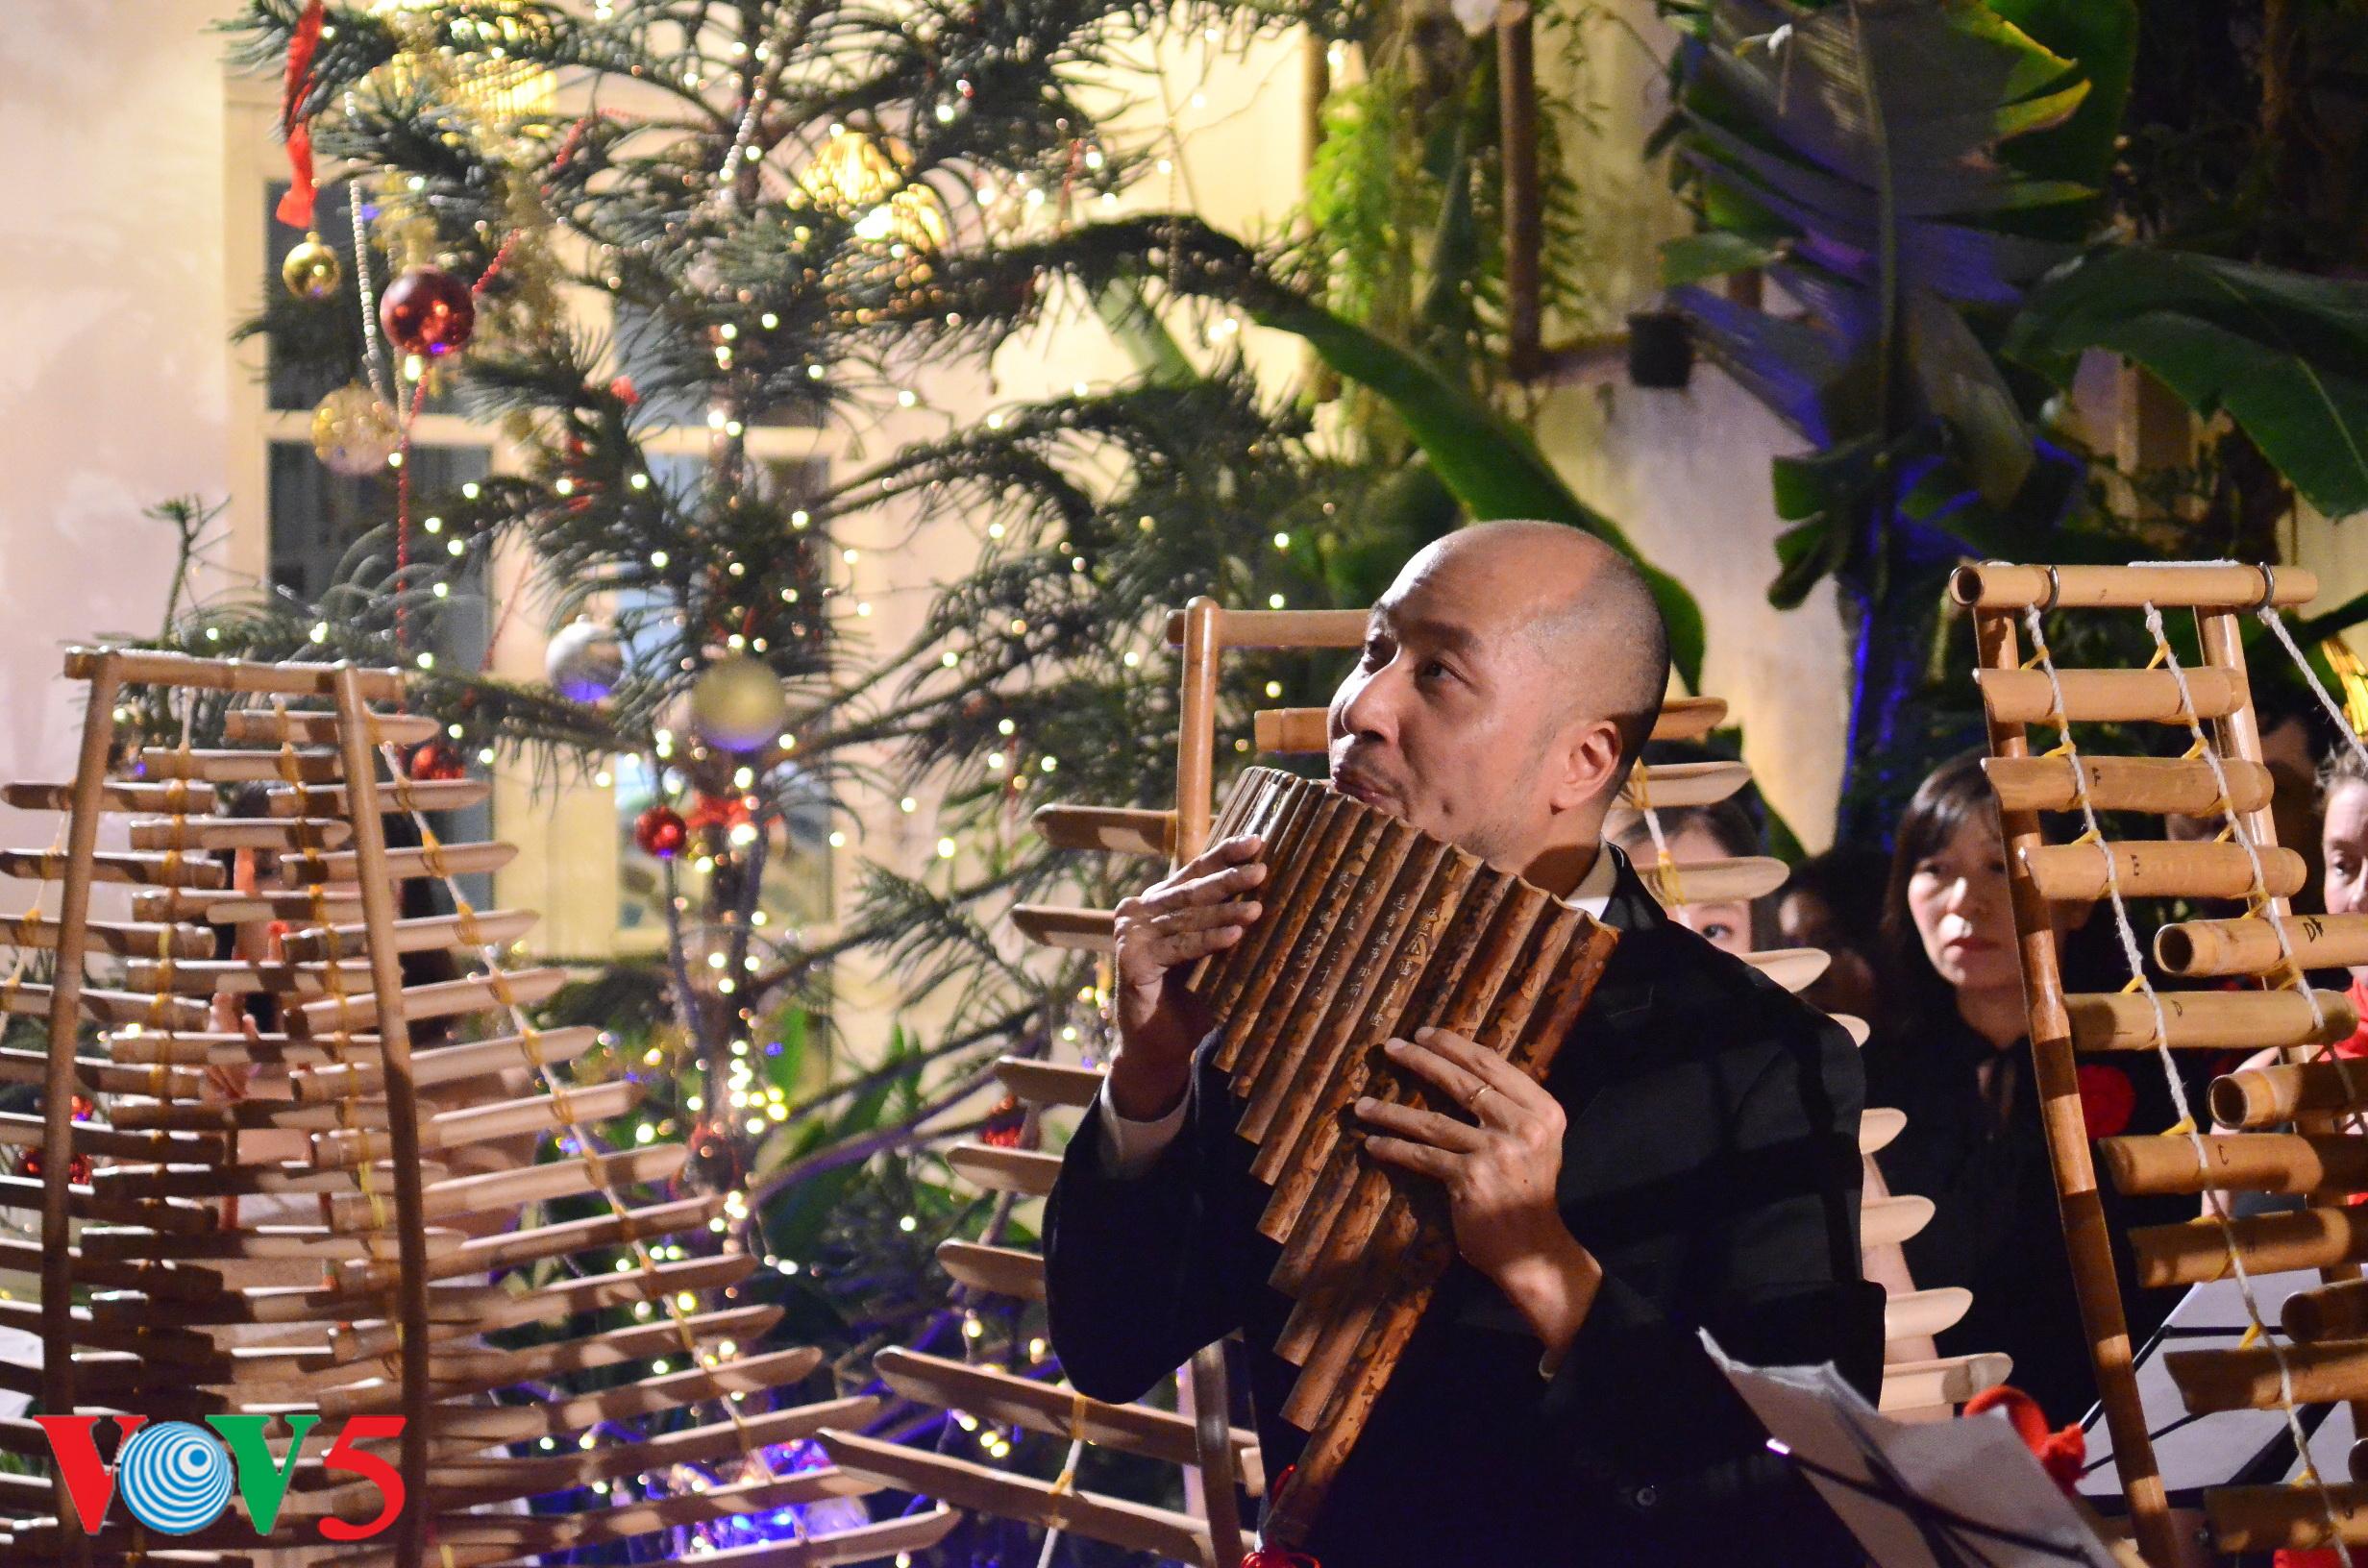 竹制乐器弹奏圣诞歌 hinh 9